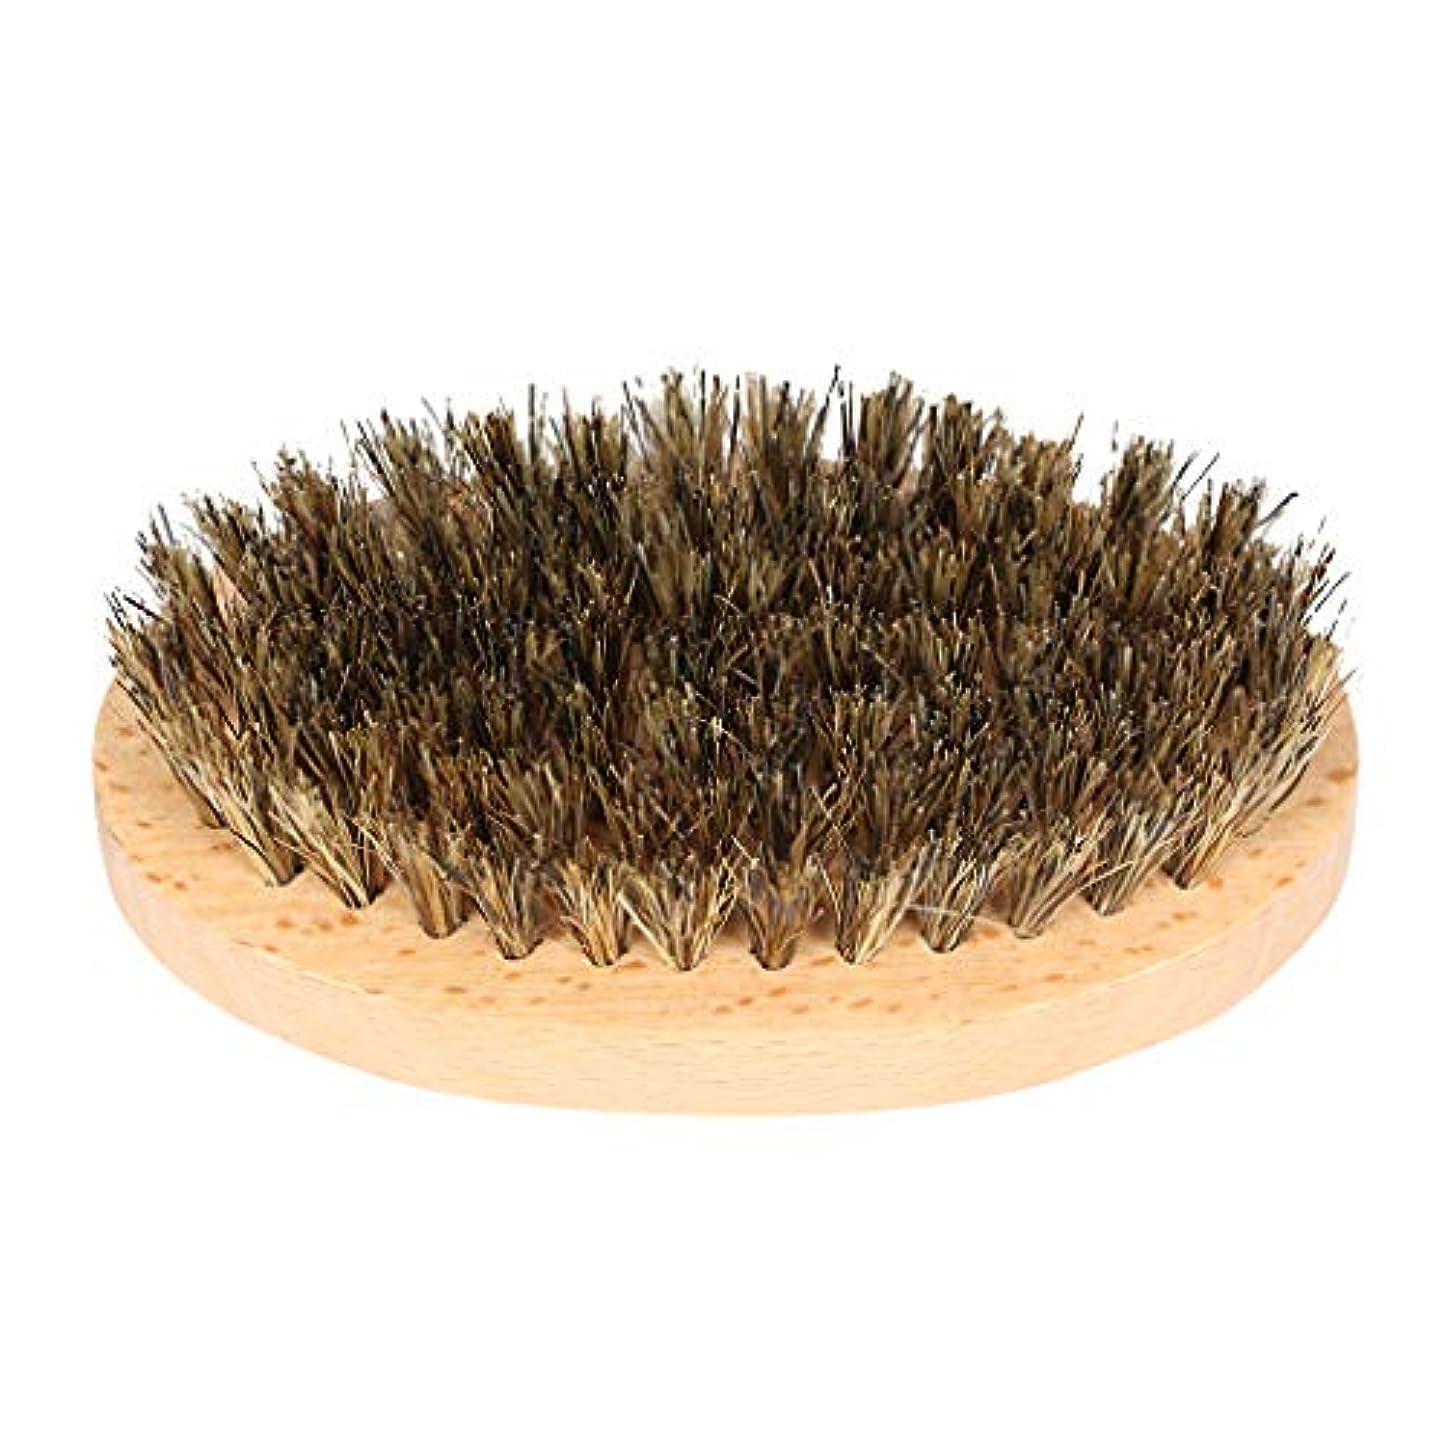 ビールファシズムヨーロッパ理髪店の男性の天然木のひげの口ひげ顔の髪のブラシ毛髪のブラシ